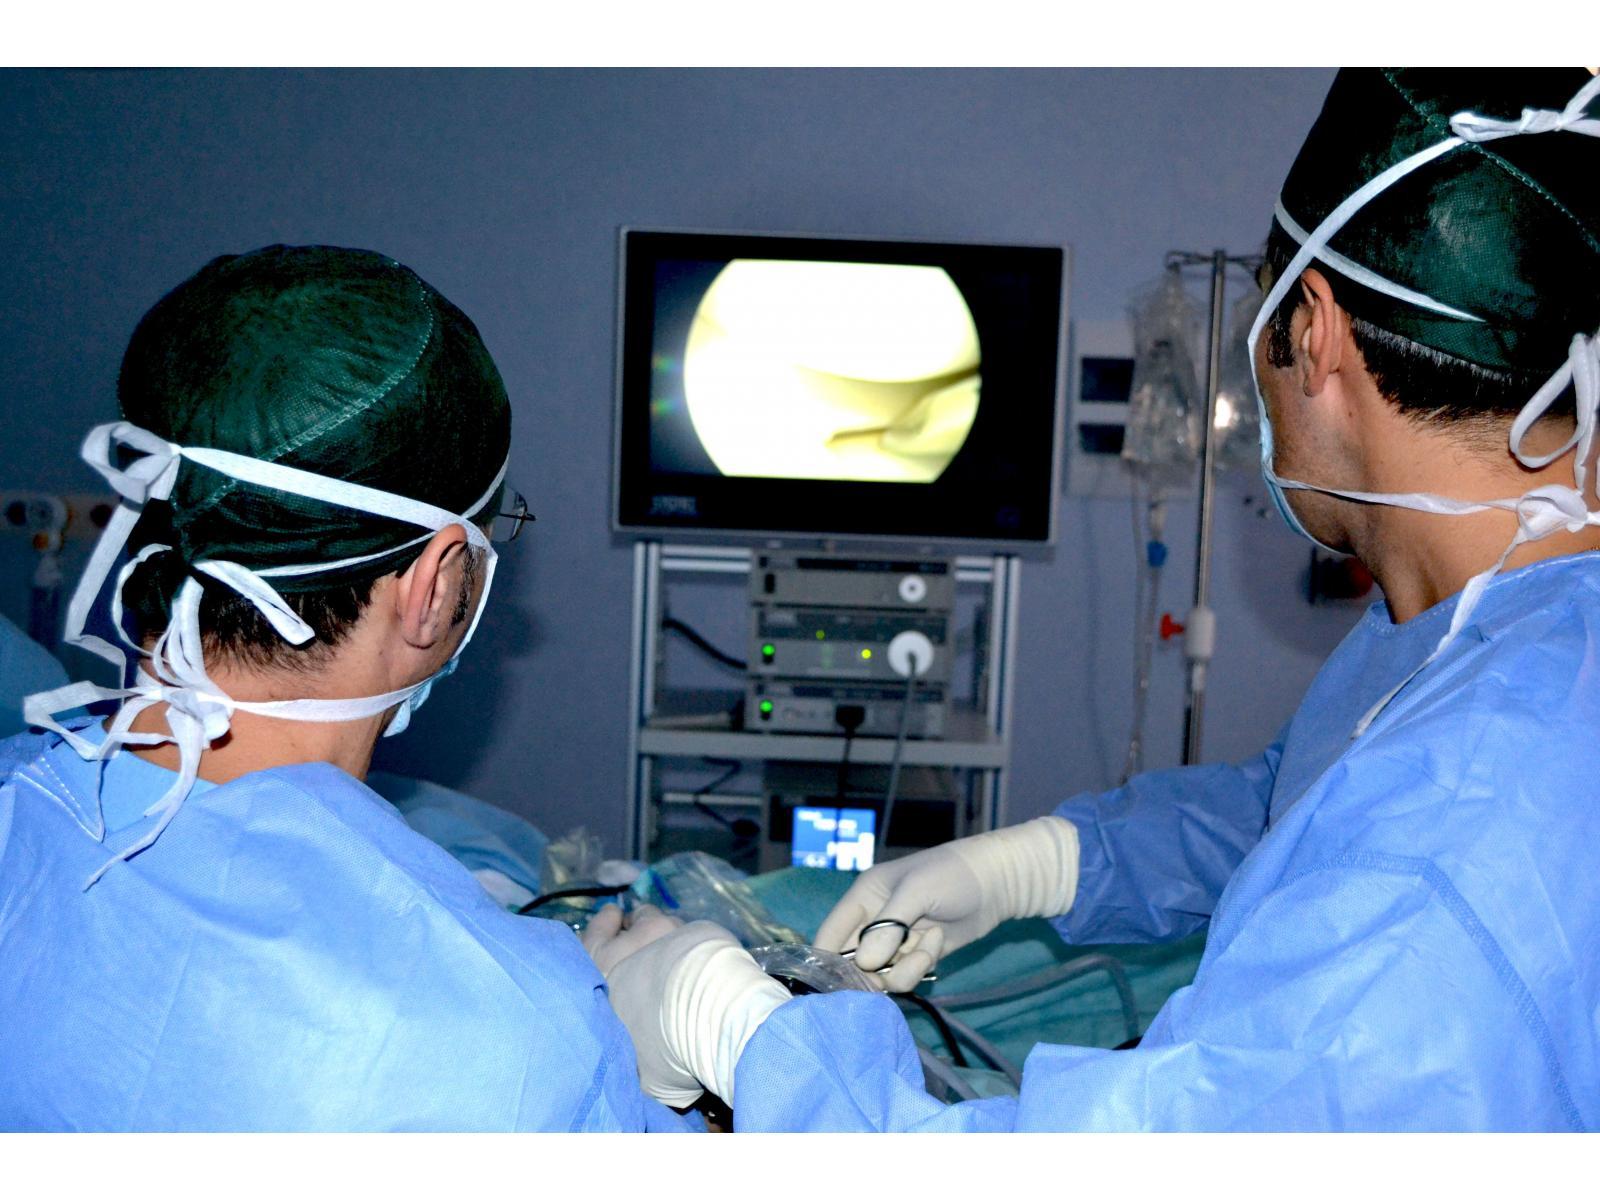 Spitalul Monza - Menischio_1.JPG